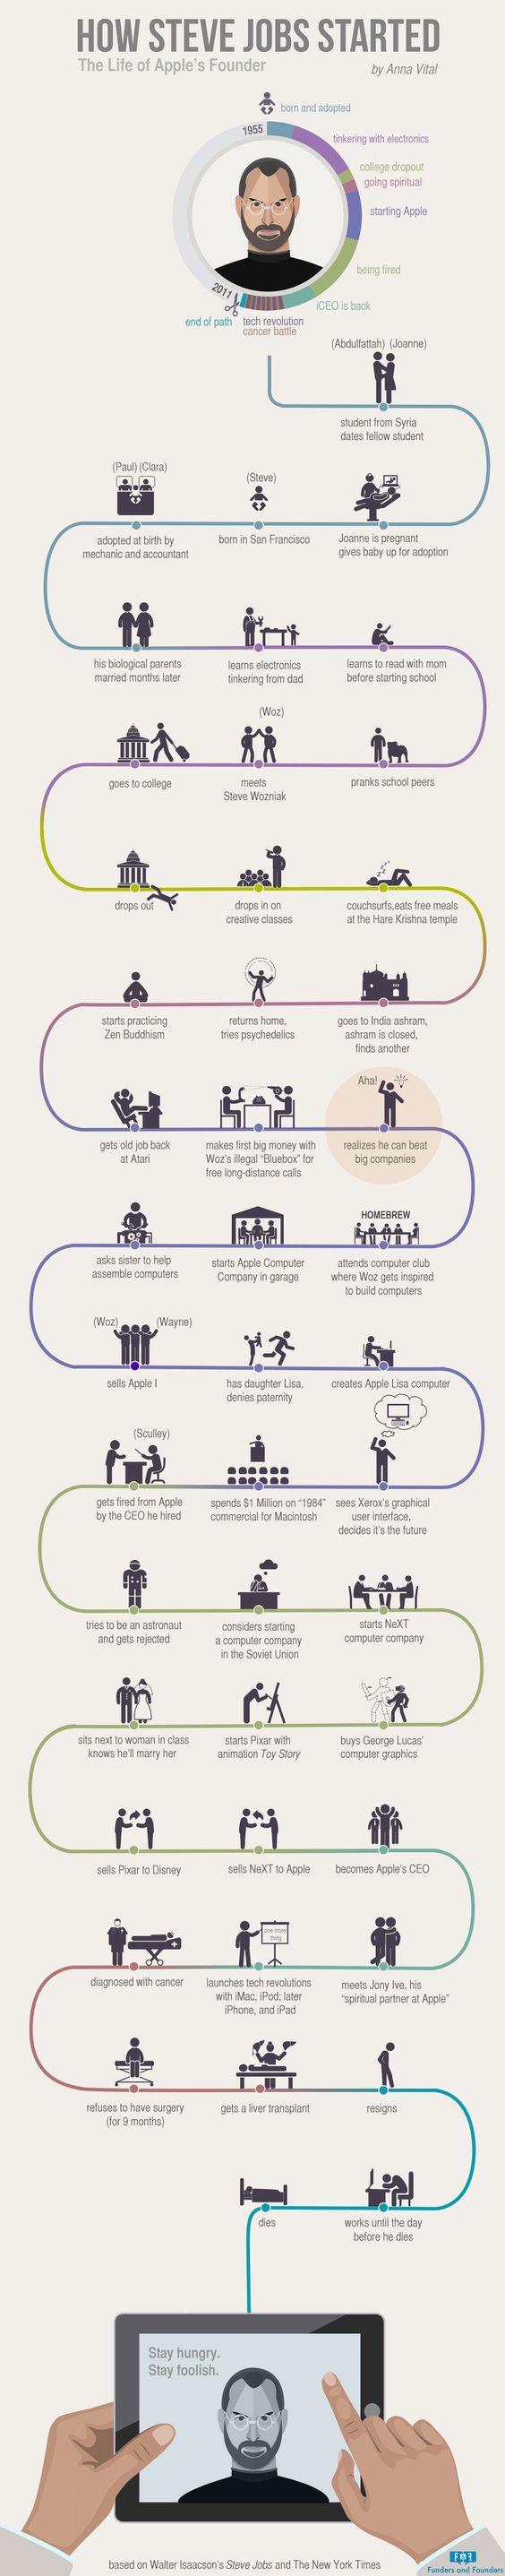 Esta infografía sigue la vida del cofundador de #Apple, #SteveJobs. Basada sobre el libro de Walter Isaacson